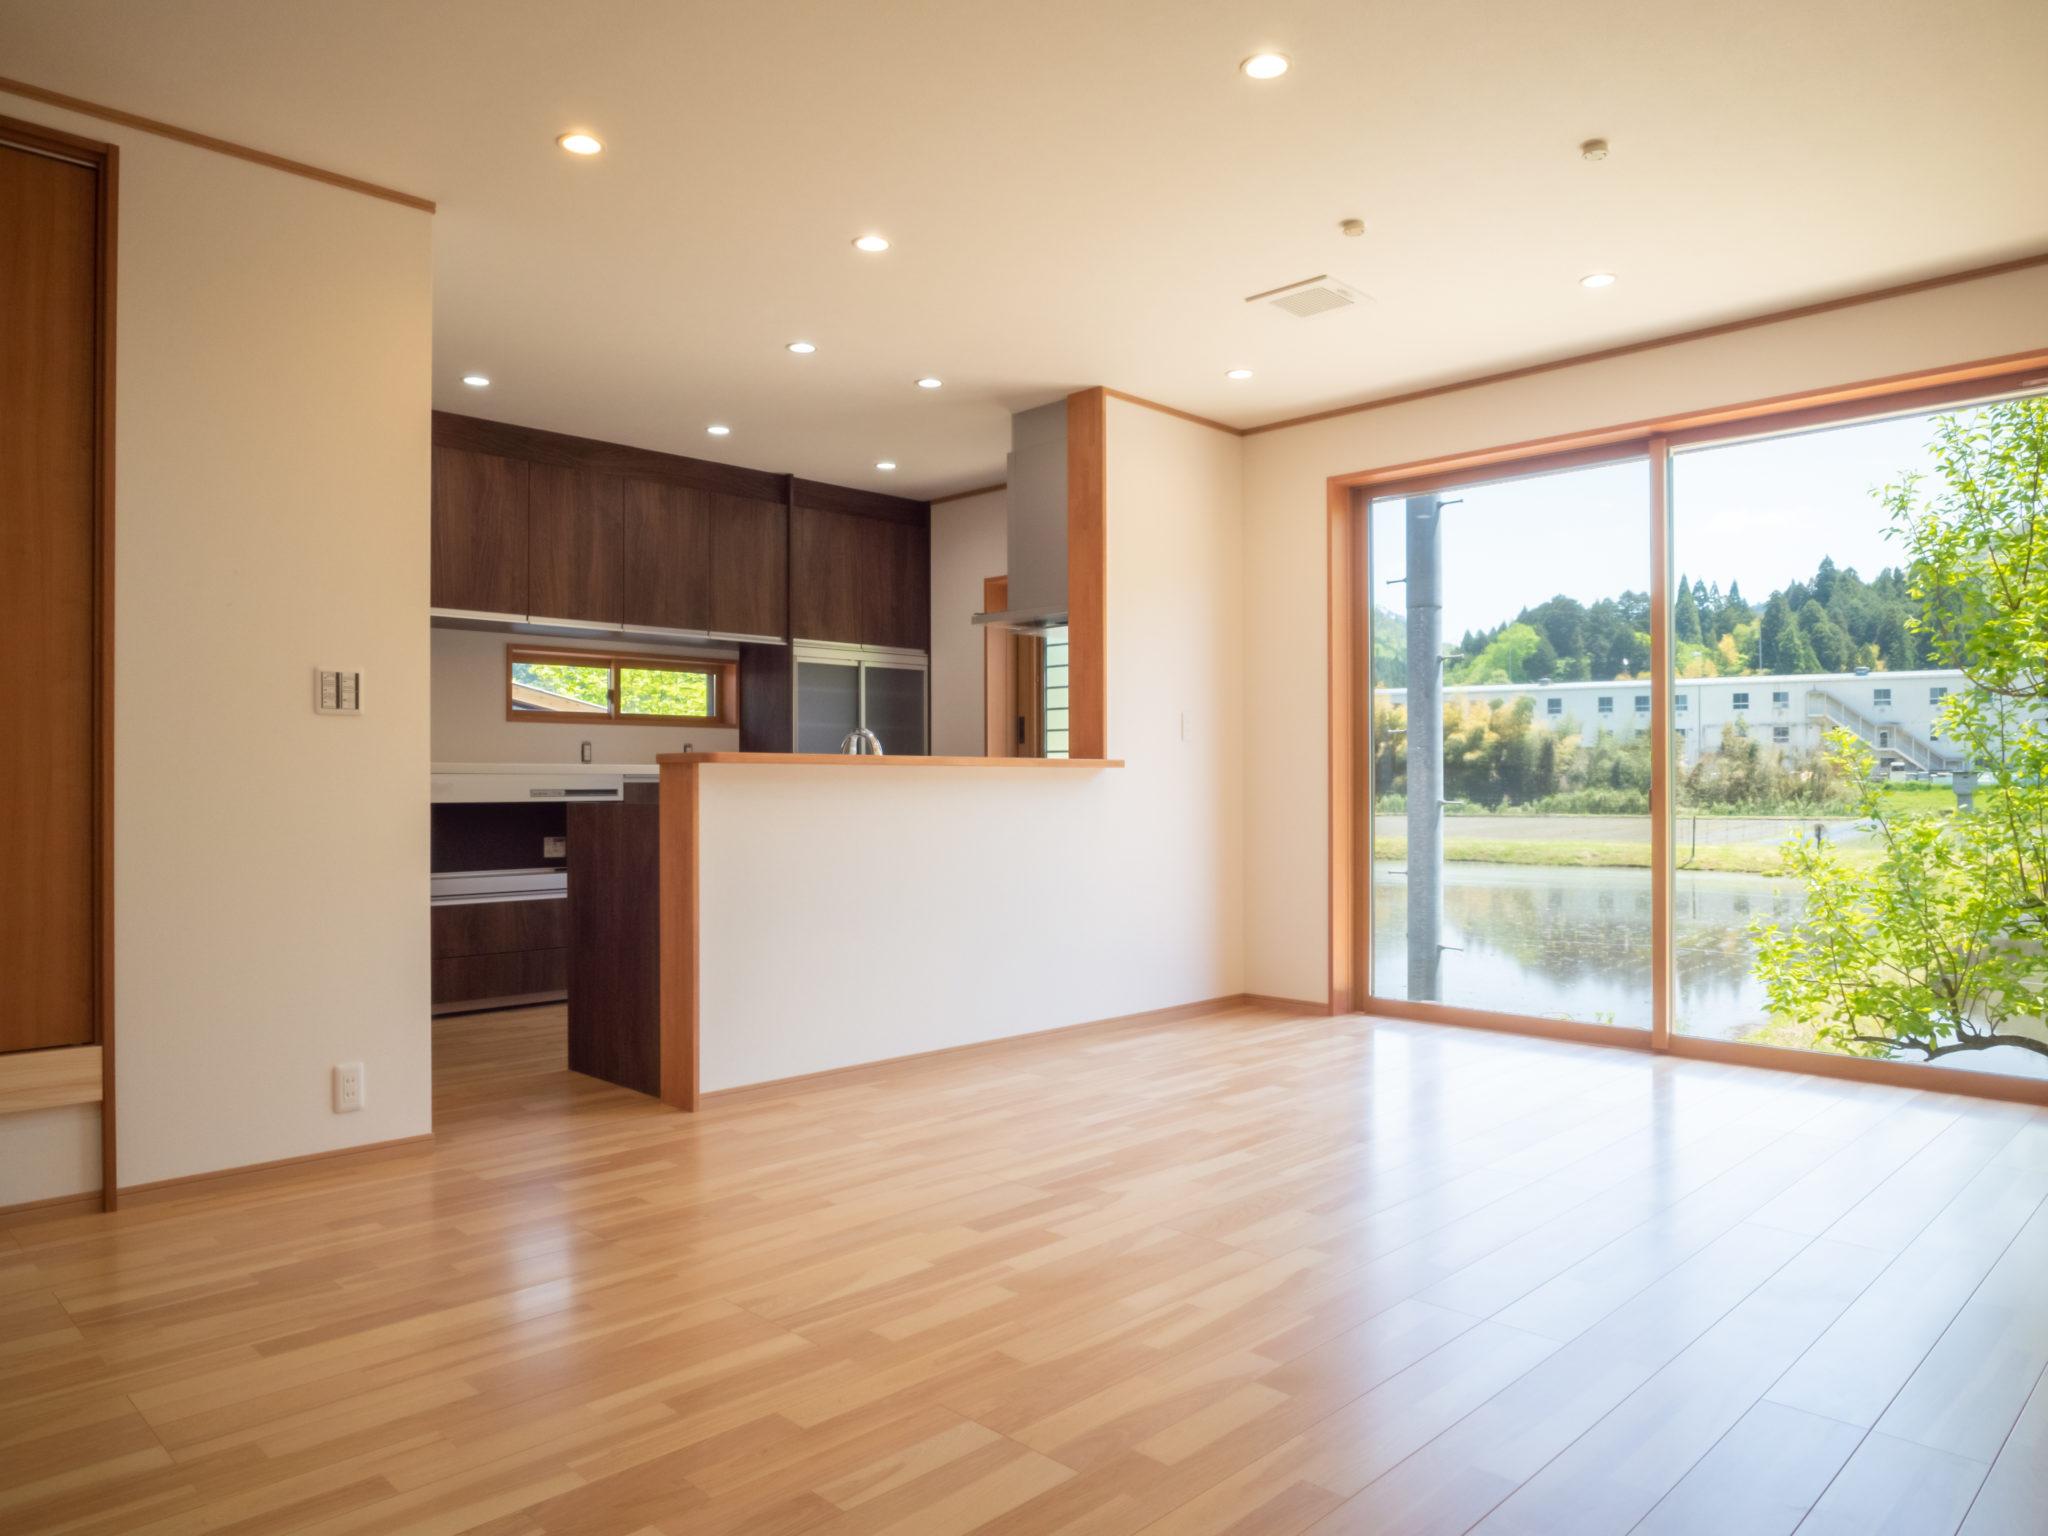 田園風景を借景したリビングダイニング テーブル調理も楽しめるよう天井に換気扇を設置